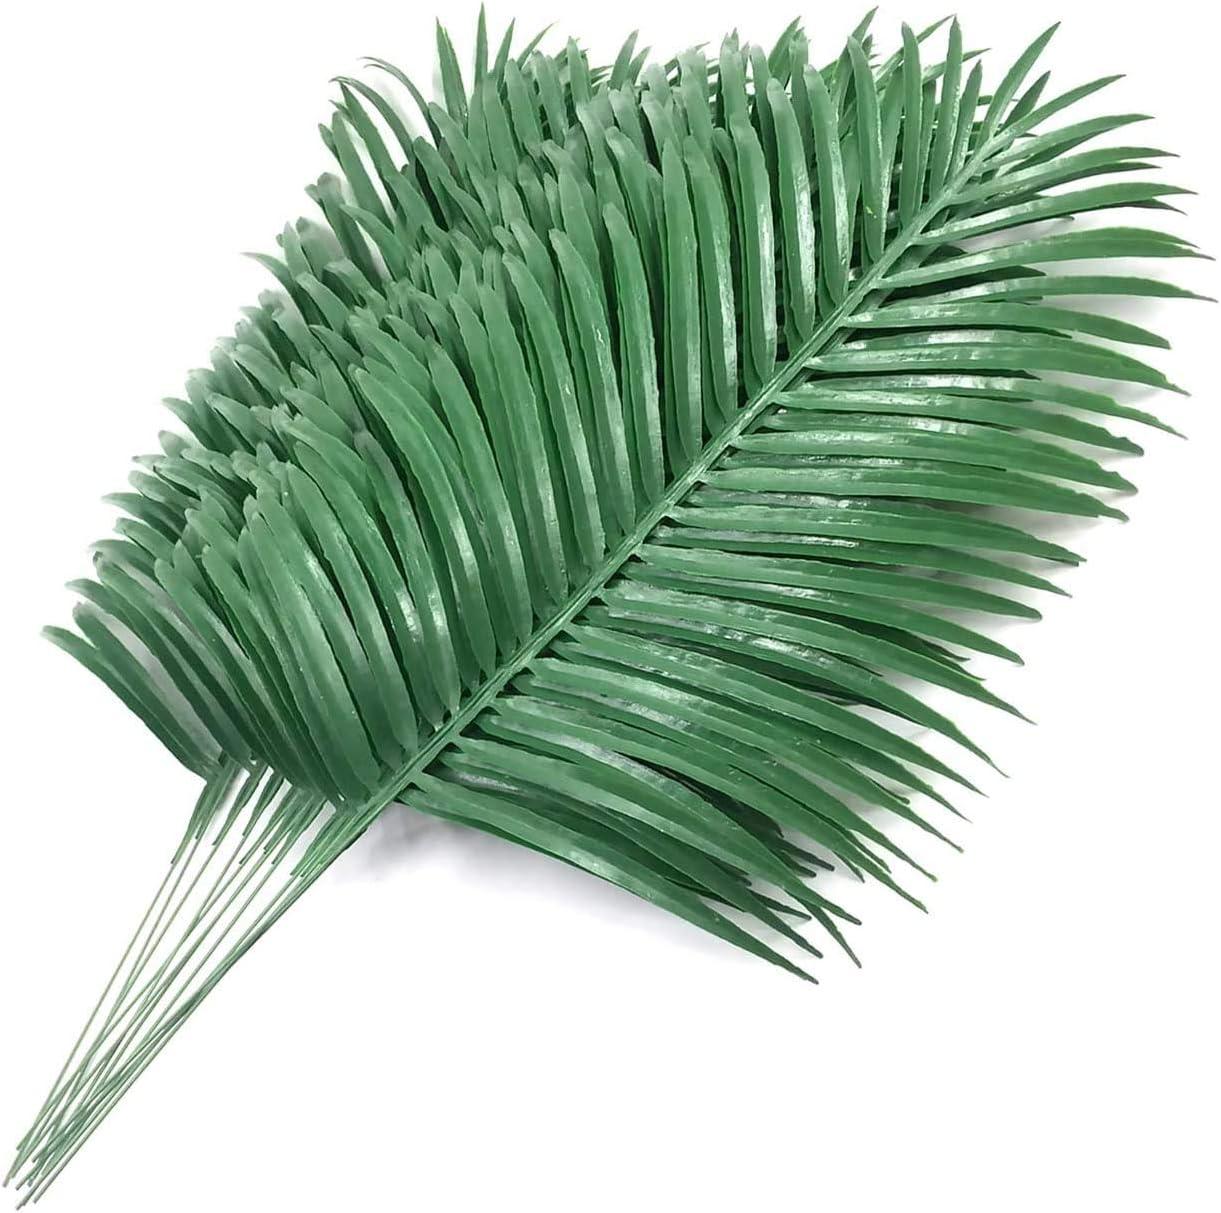 12 Pack Artificial New life Bargain sale Palm Plants Faux Fake Leaves Tropical La